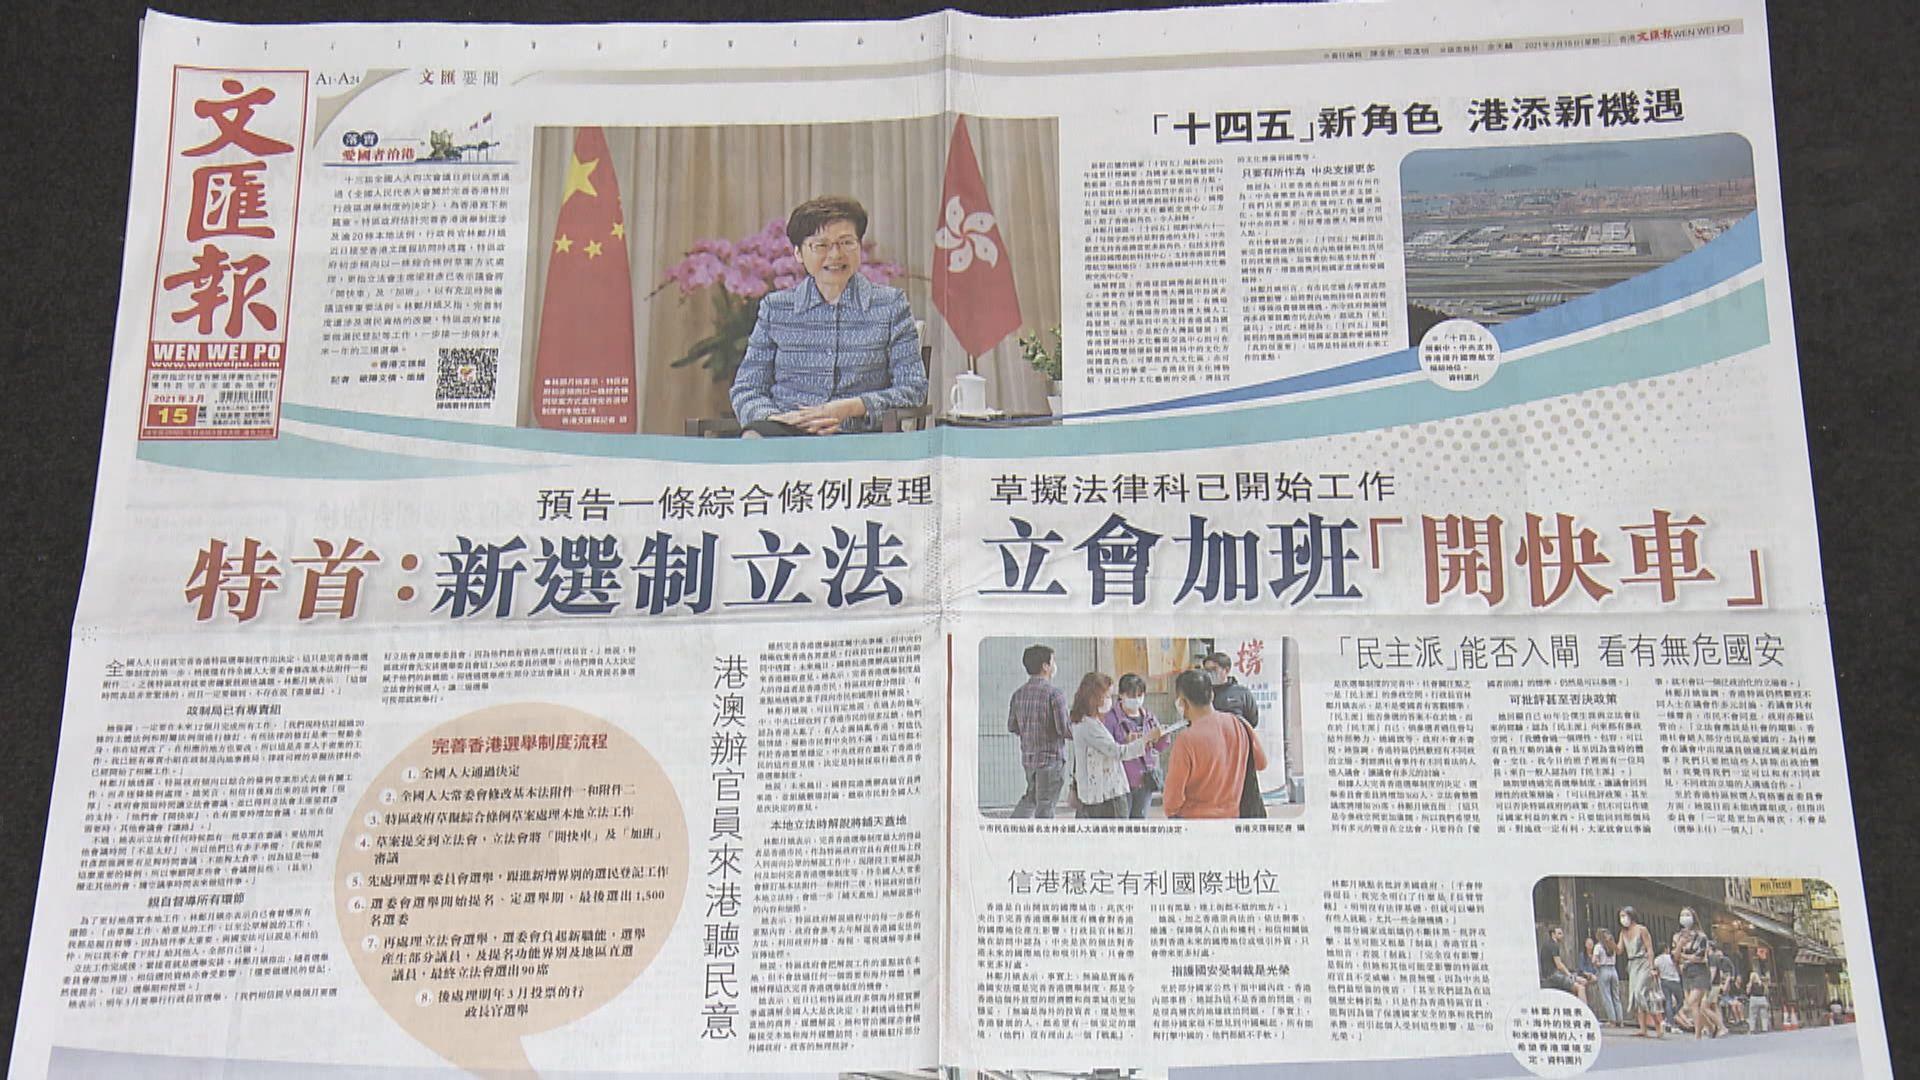 林鄭:立會將「開快車」審議有關修改選舉制度條例草案